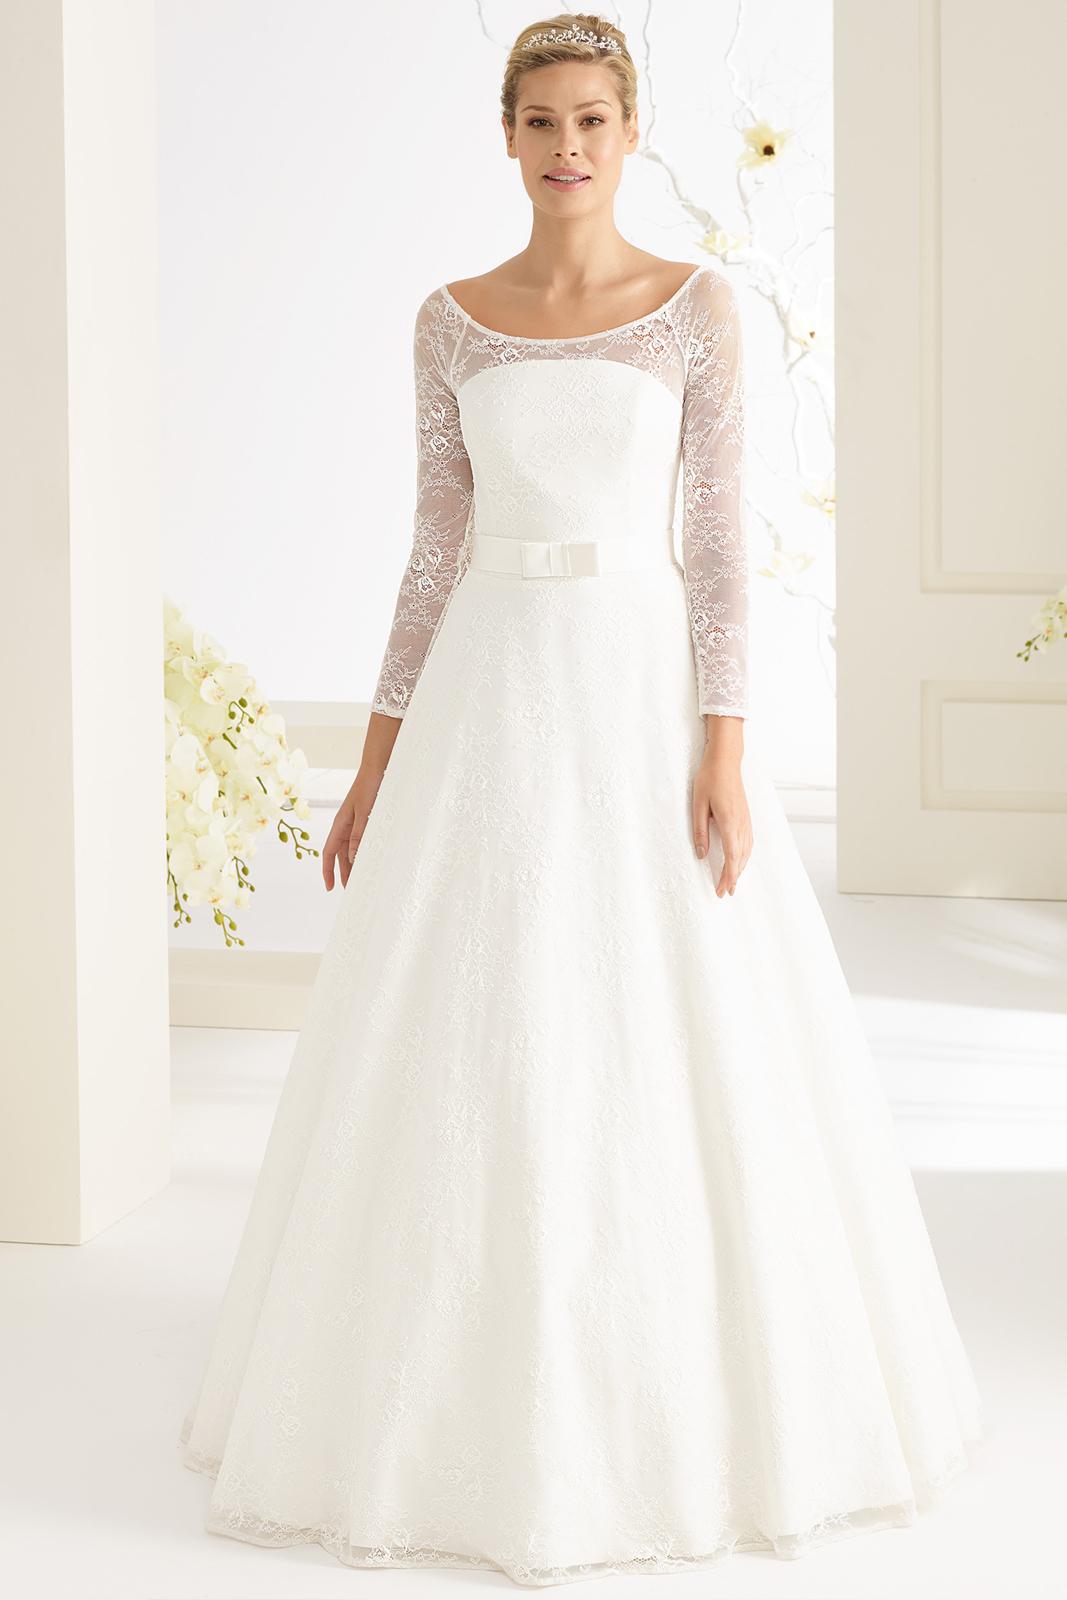 Bella - The Bridal Emporium